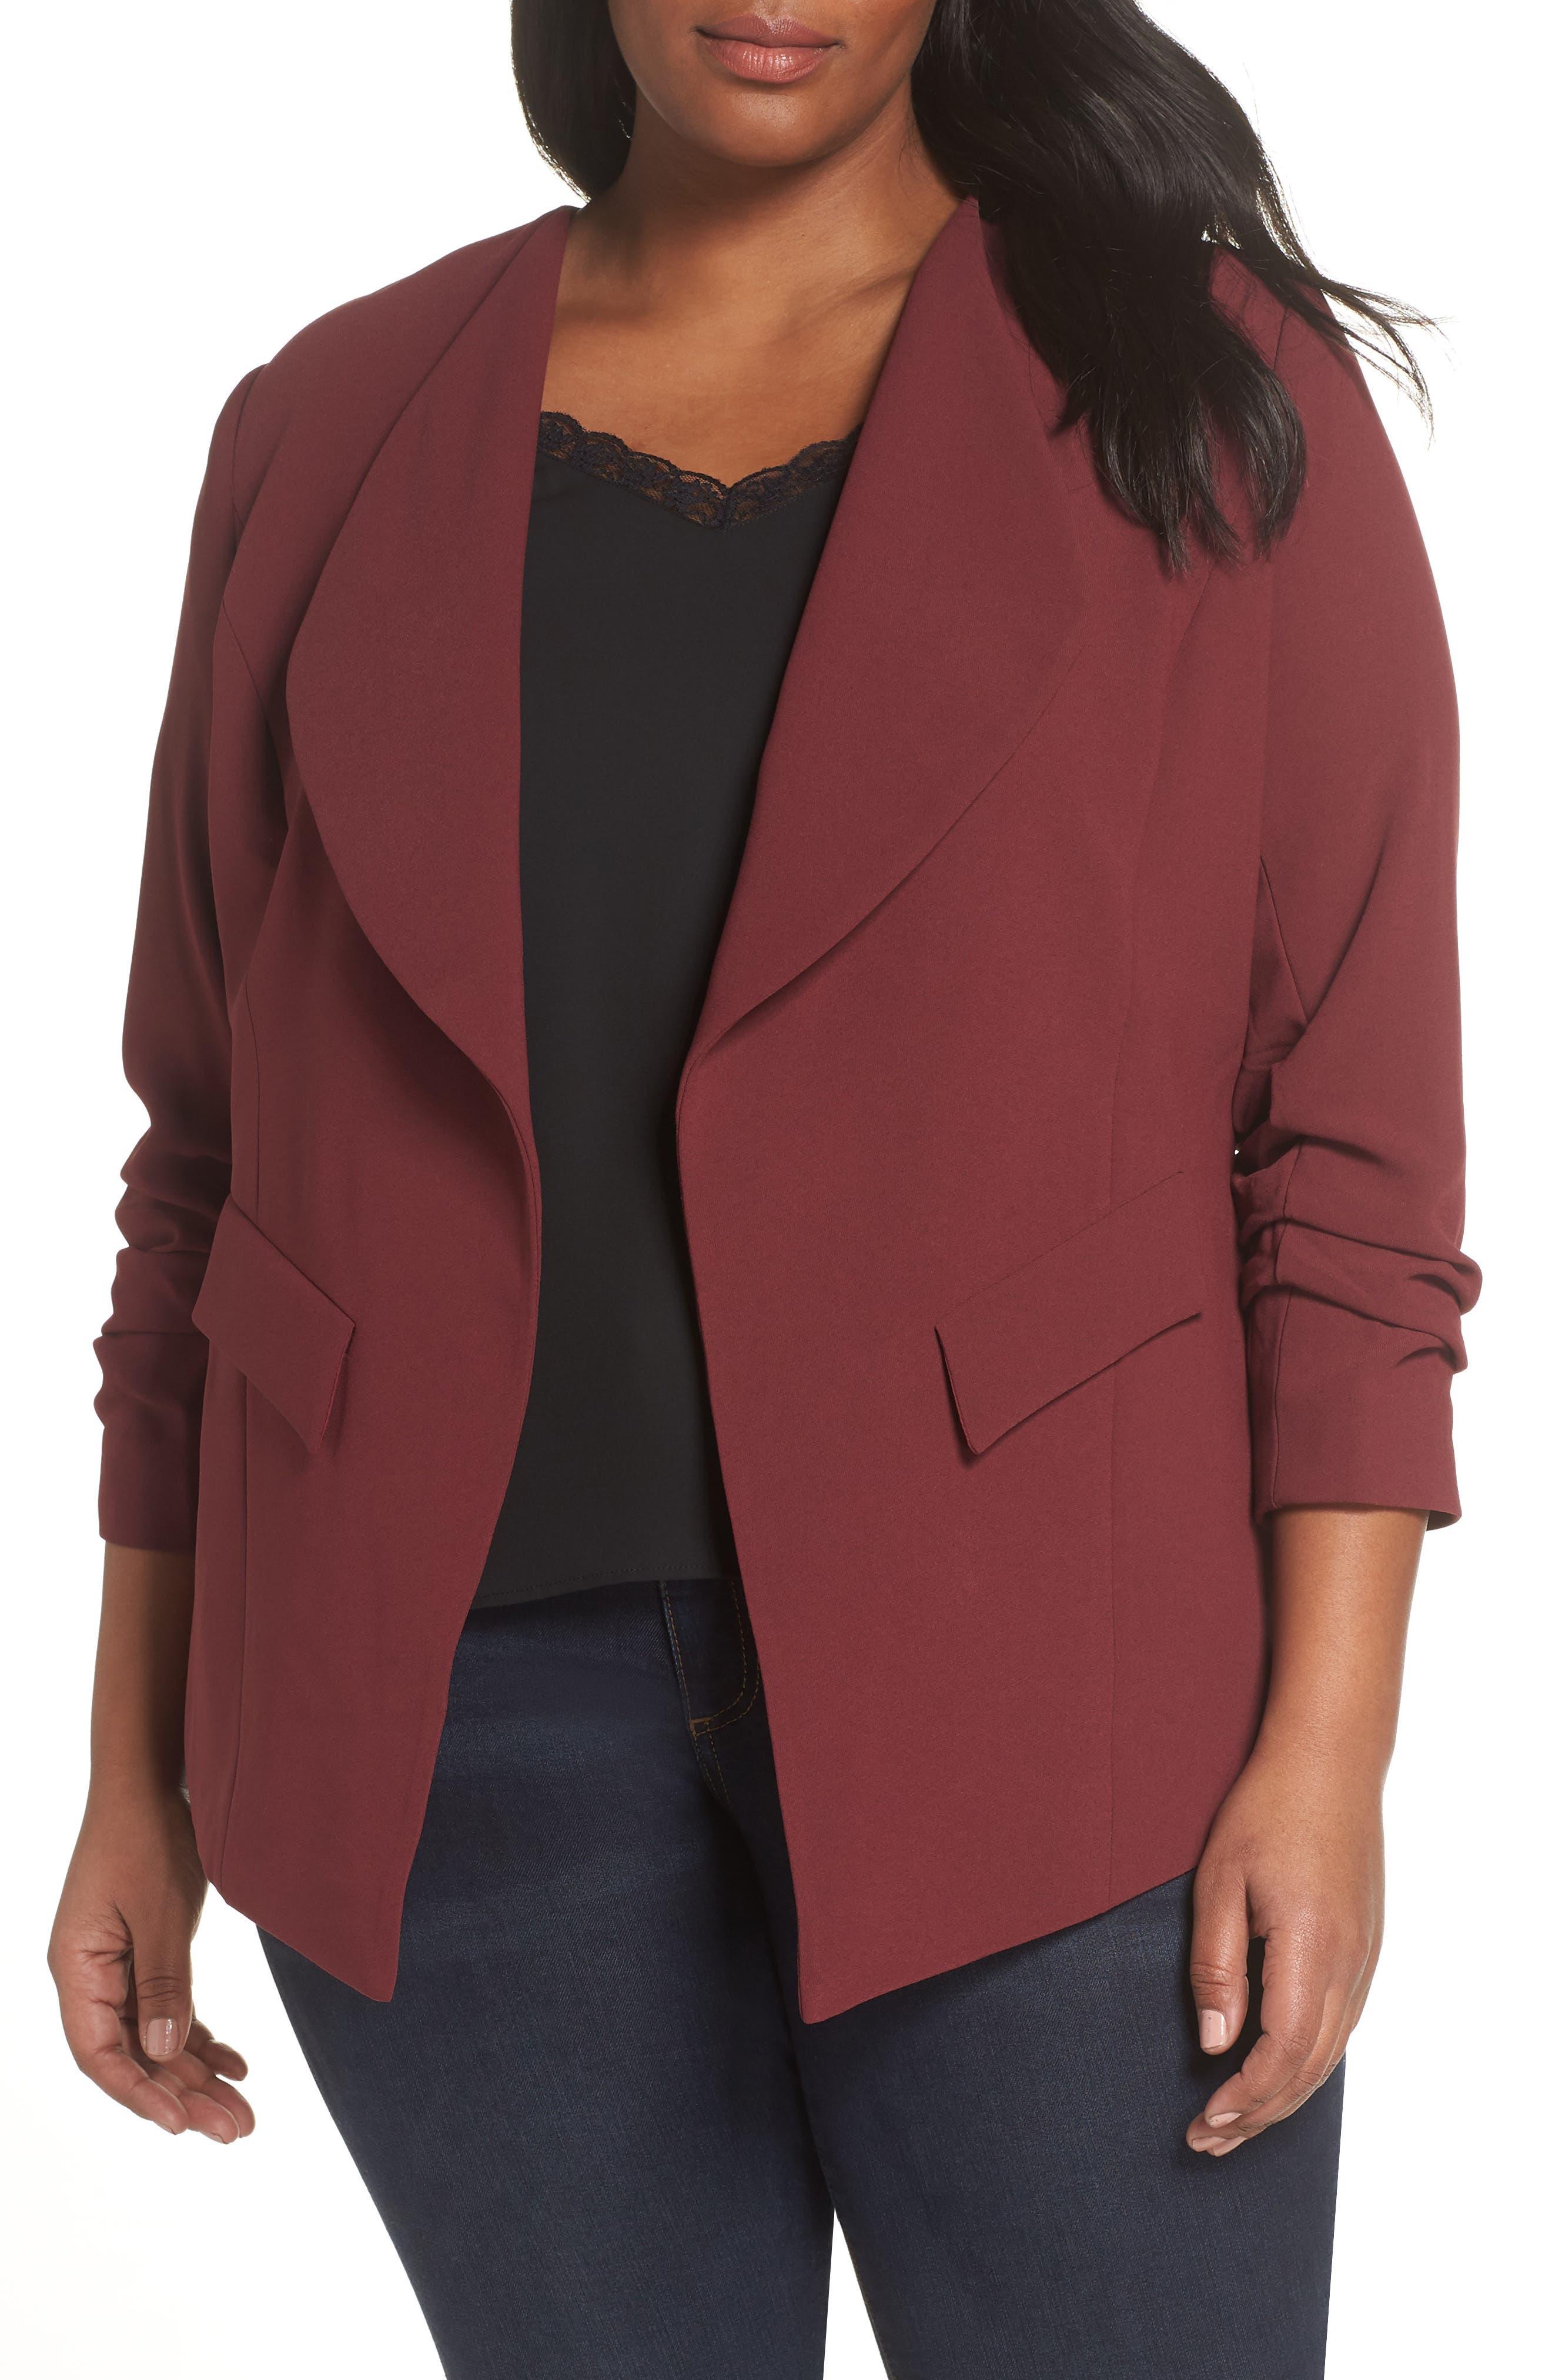 SEJOUR Drape Neck Jacket, Main, color, BURGUNDY FIELD